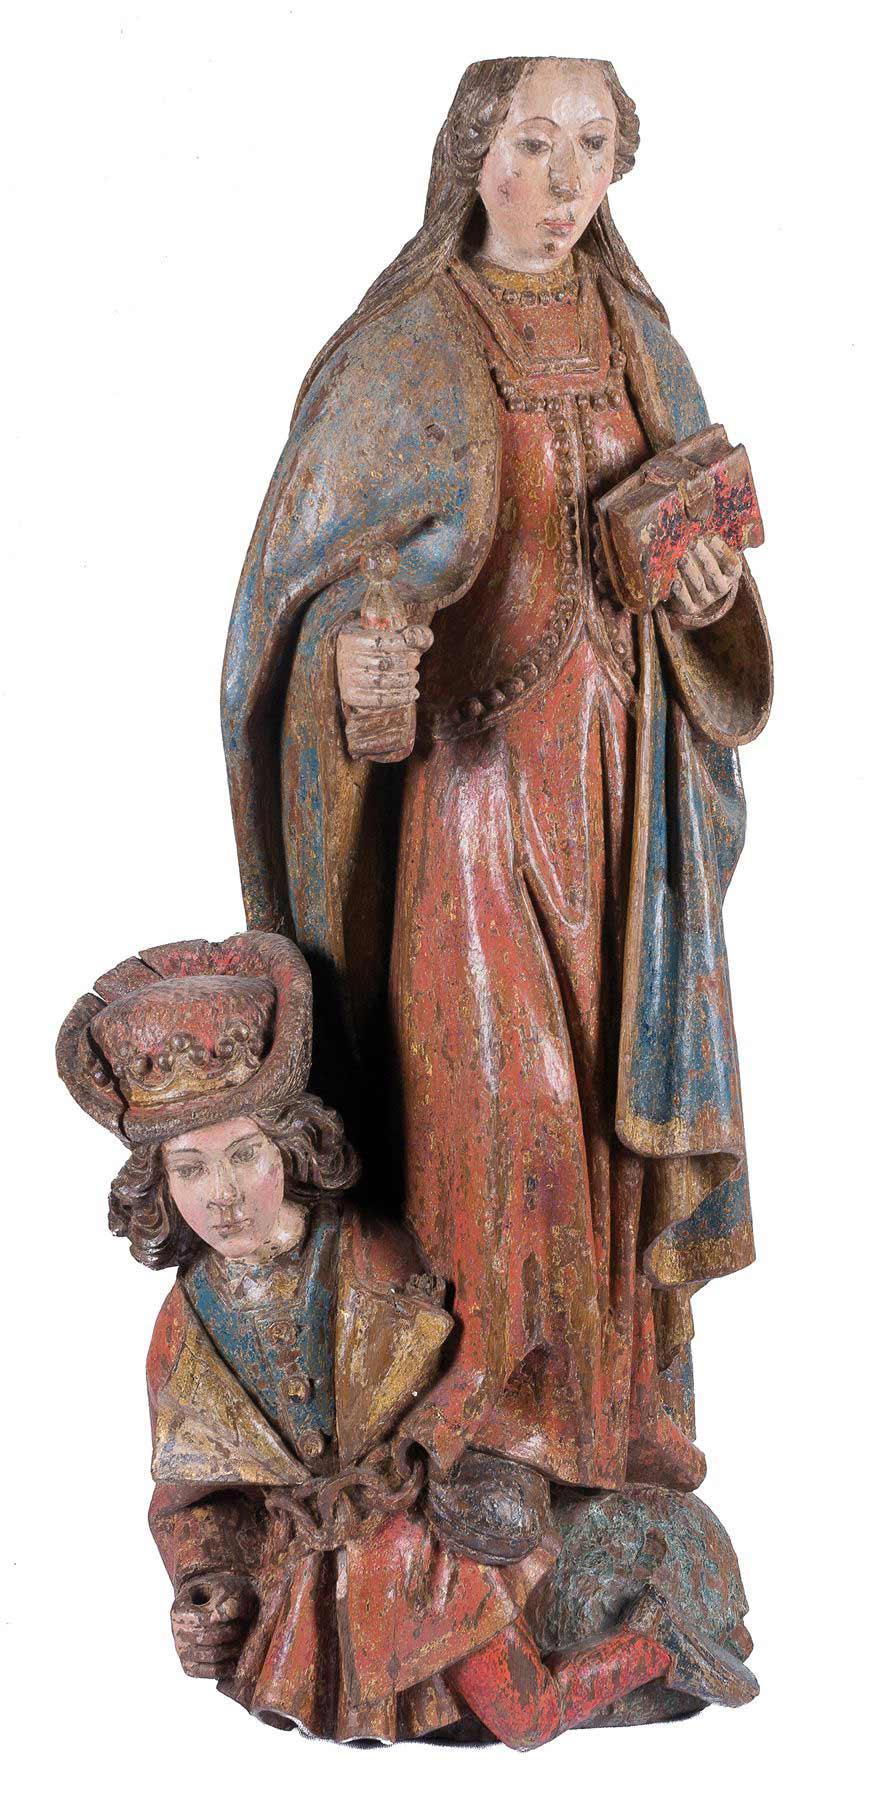 161-Santa-Catalina-de-Alejandría.-Escultura-en-madera-tallada-y-policromada.-Escuela-flamenca.-Gótico.-Siglo-XV.00a